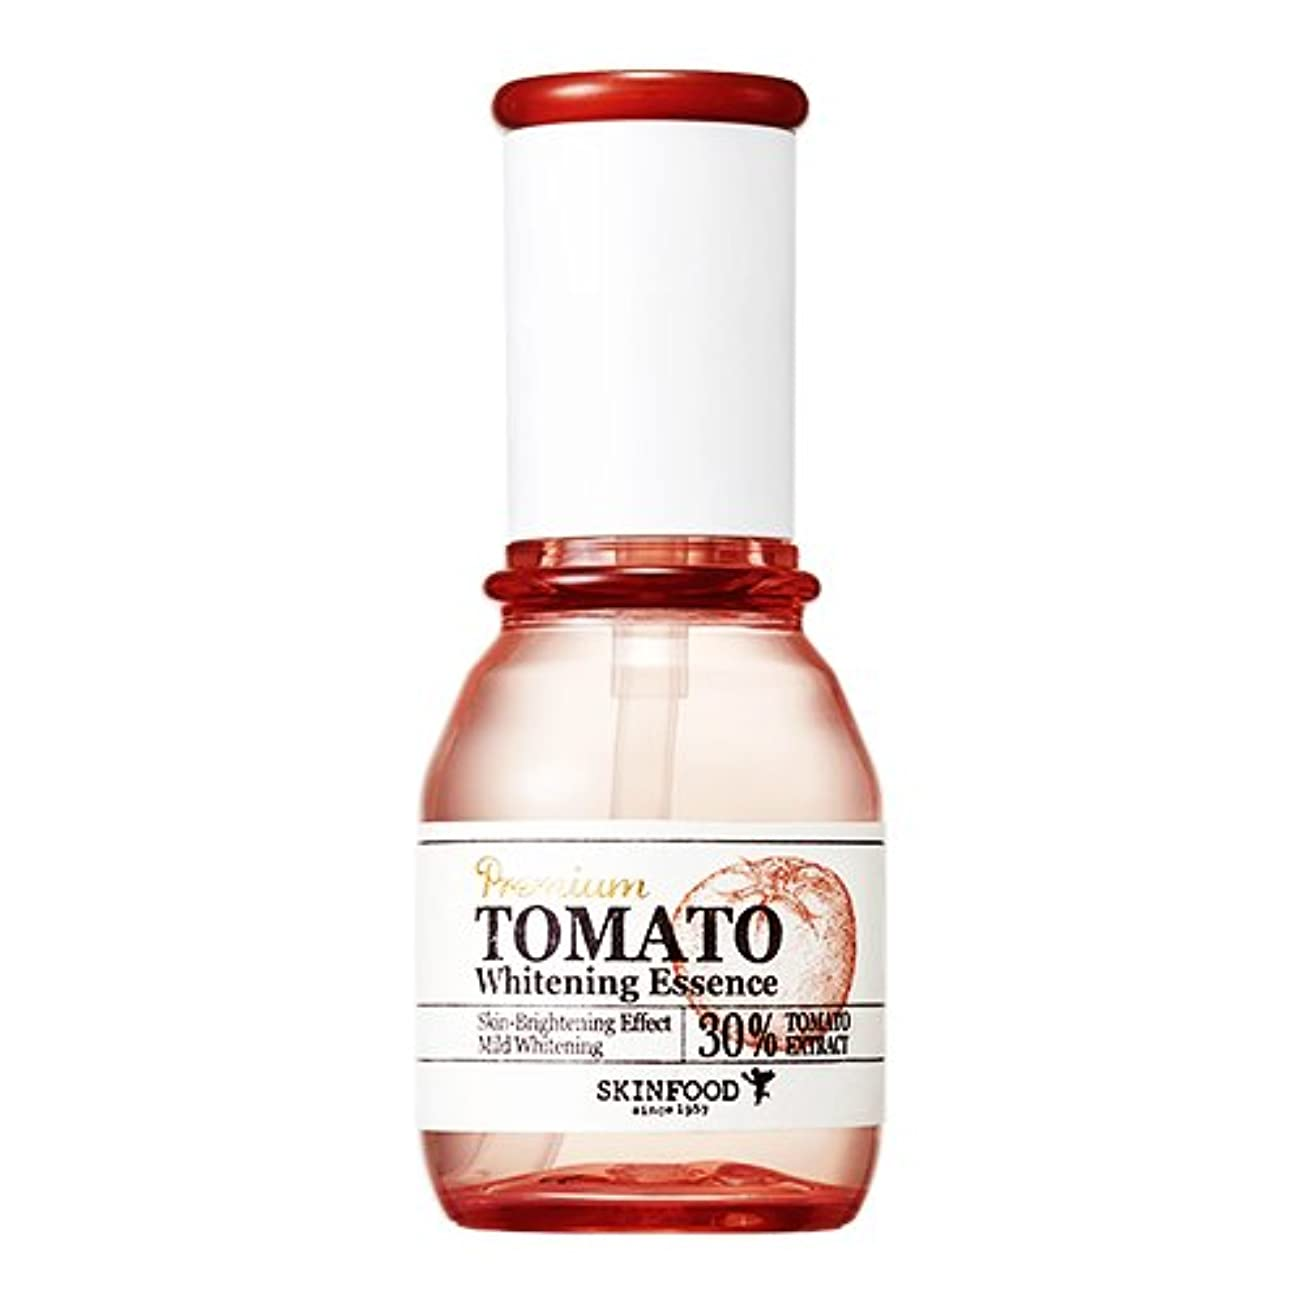 アプトかるベジタリアン[スキンフード] SKINFOOD プレミアムトマトホワイトニングエッセンス Premium Tomato Whitening Essence (海外直送品) [並行輸入品]